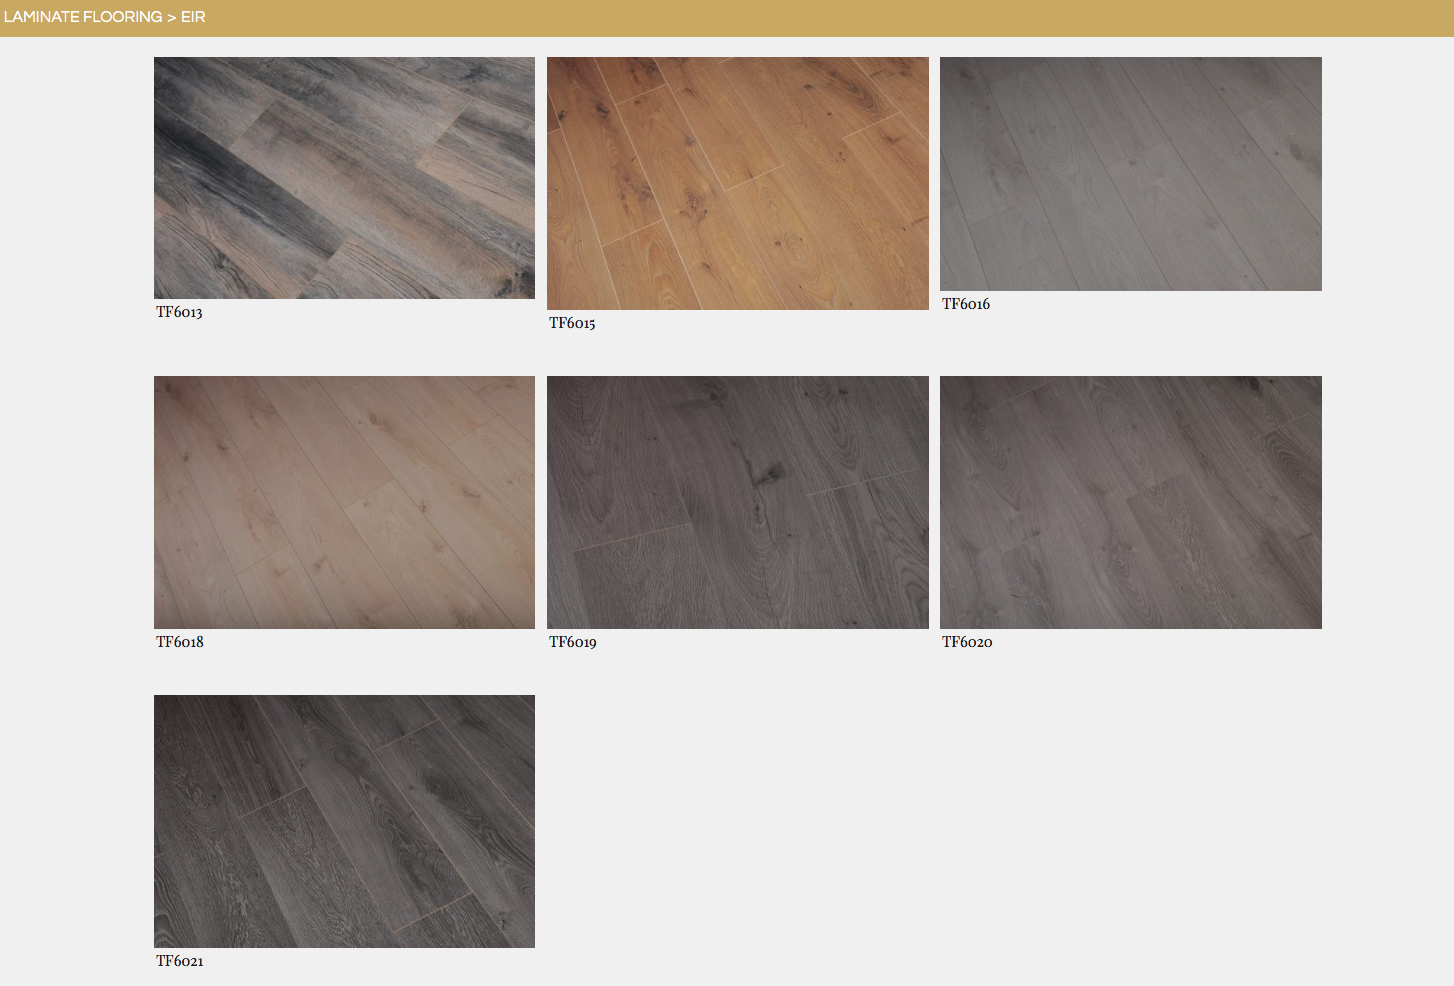 Toucan 60 Series Wide Plank Laminate Floors Hansed Wirebrushed Tf6013 Tf6015 Tf6016 Tf6018 Tf6019 Tf6020 Tf6021